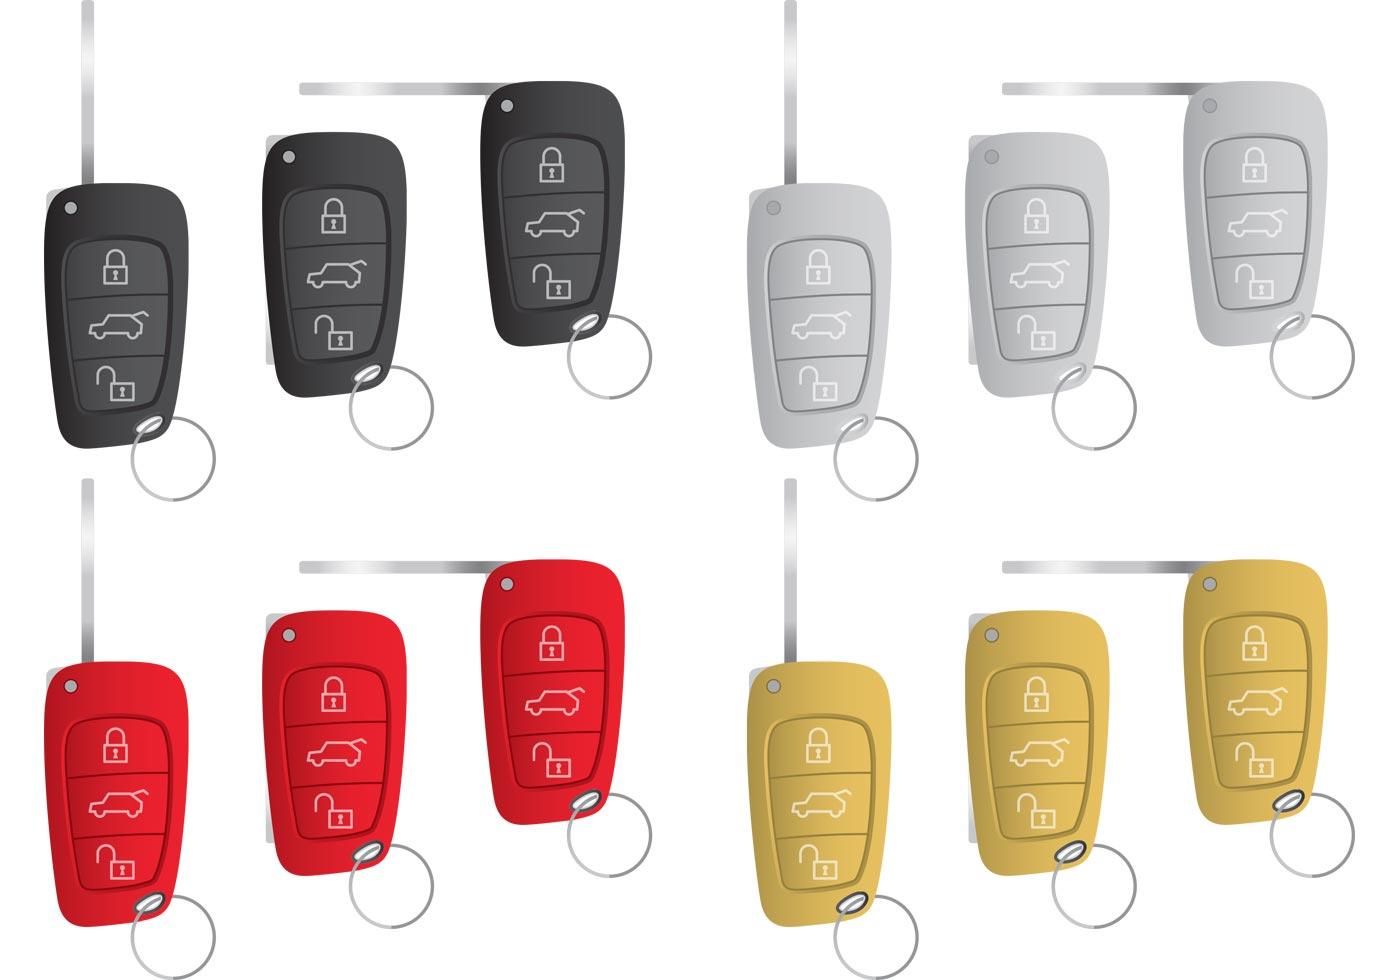 Car Key Vectors - Download Free Vector Art, Stock Graphics ...